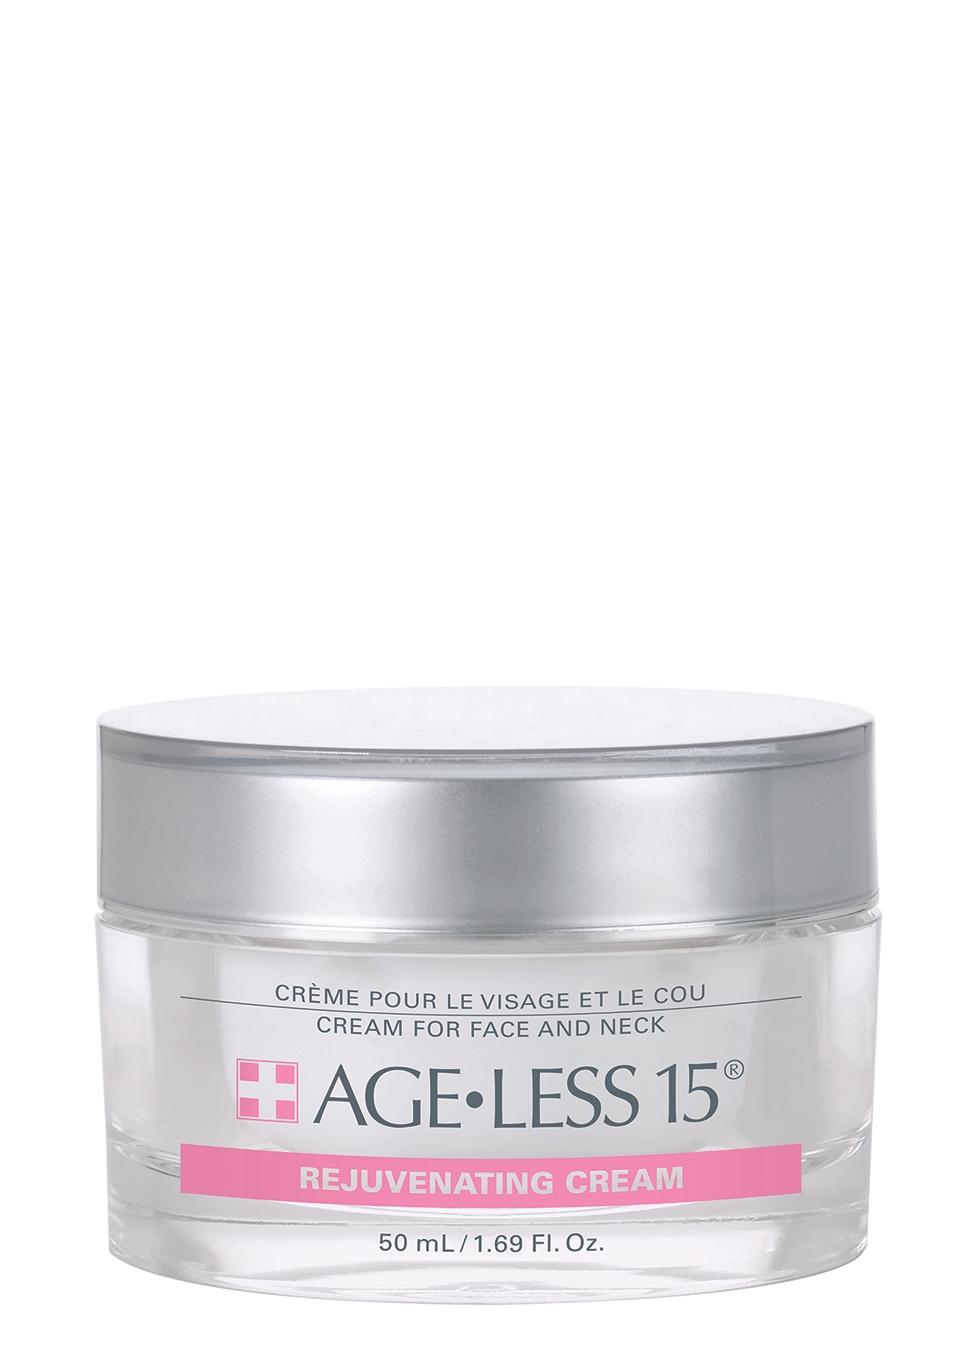 Ageless 15 Rejuvenating Cream 50ml